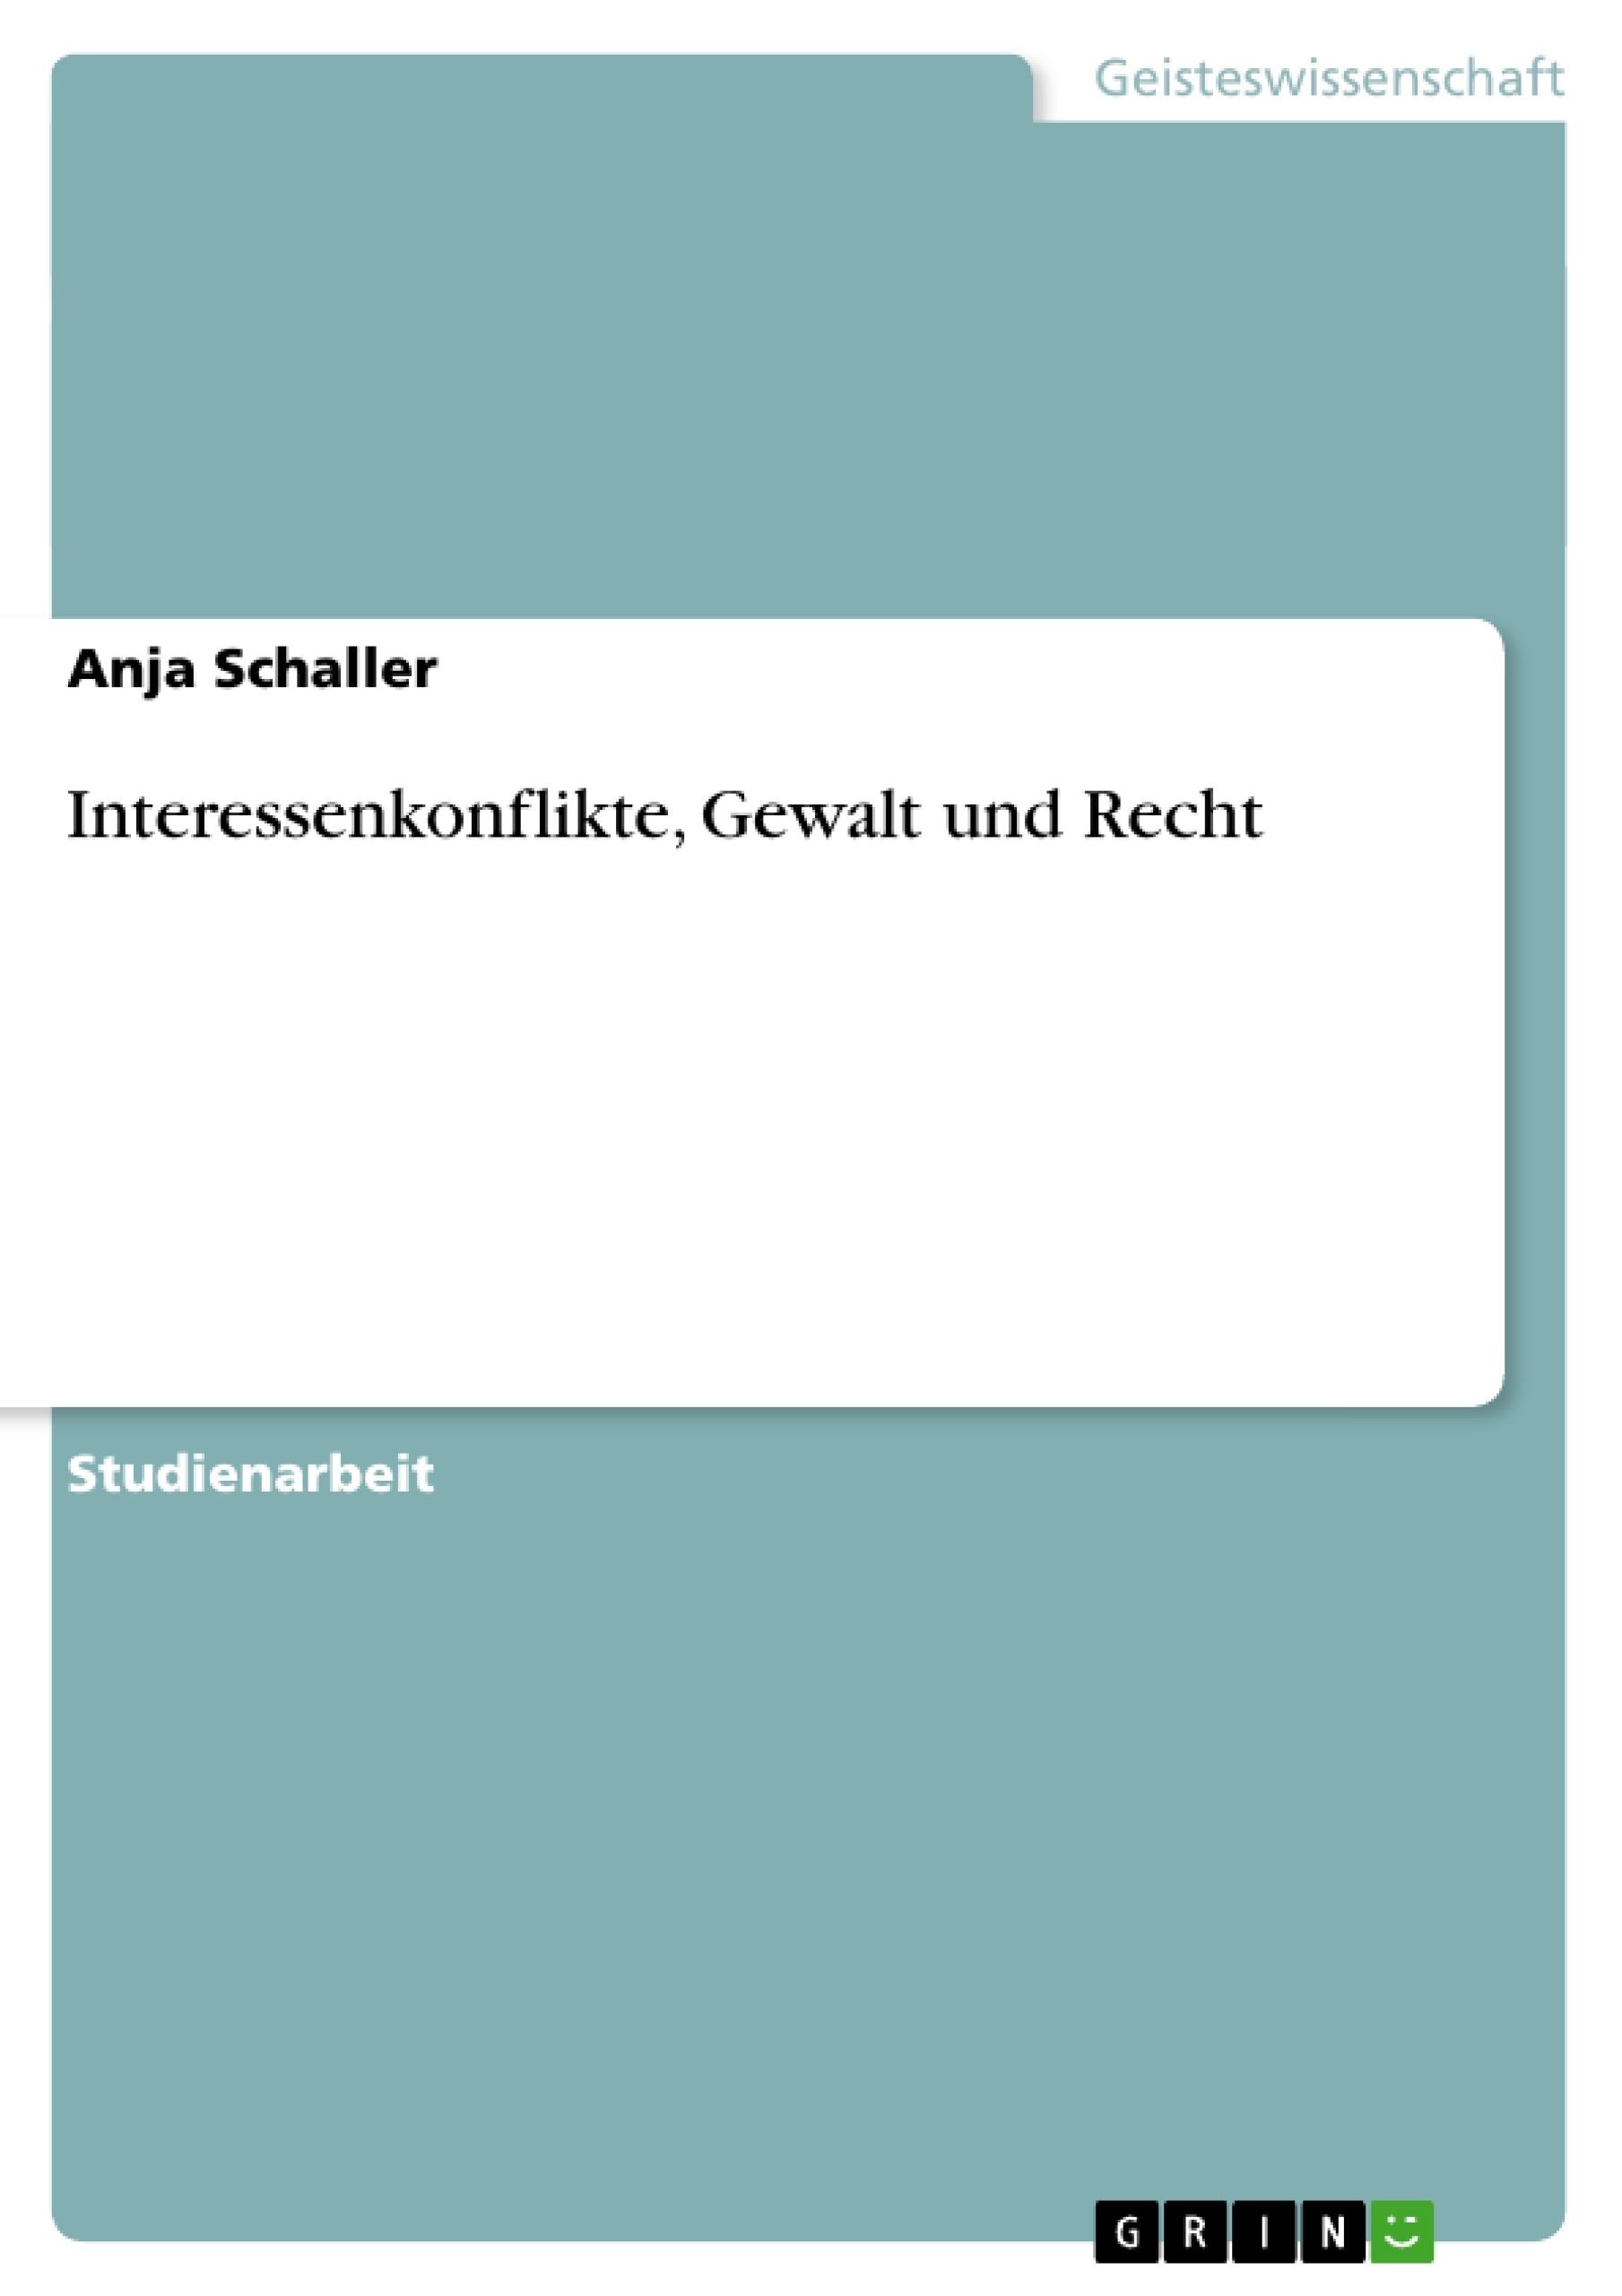 Titel: Interessenkonflikte, Gewalt und Recht